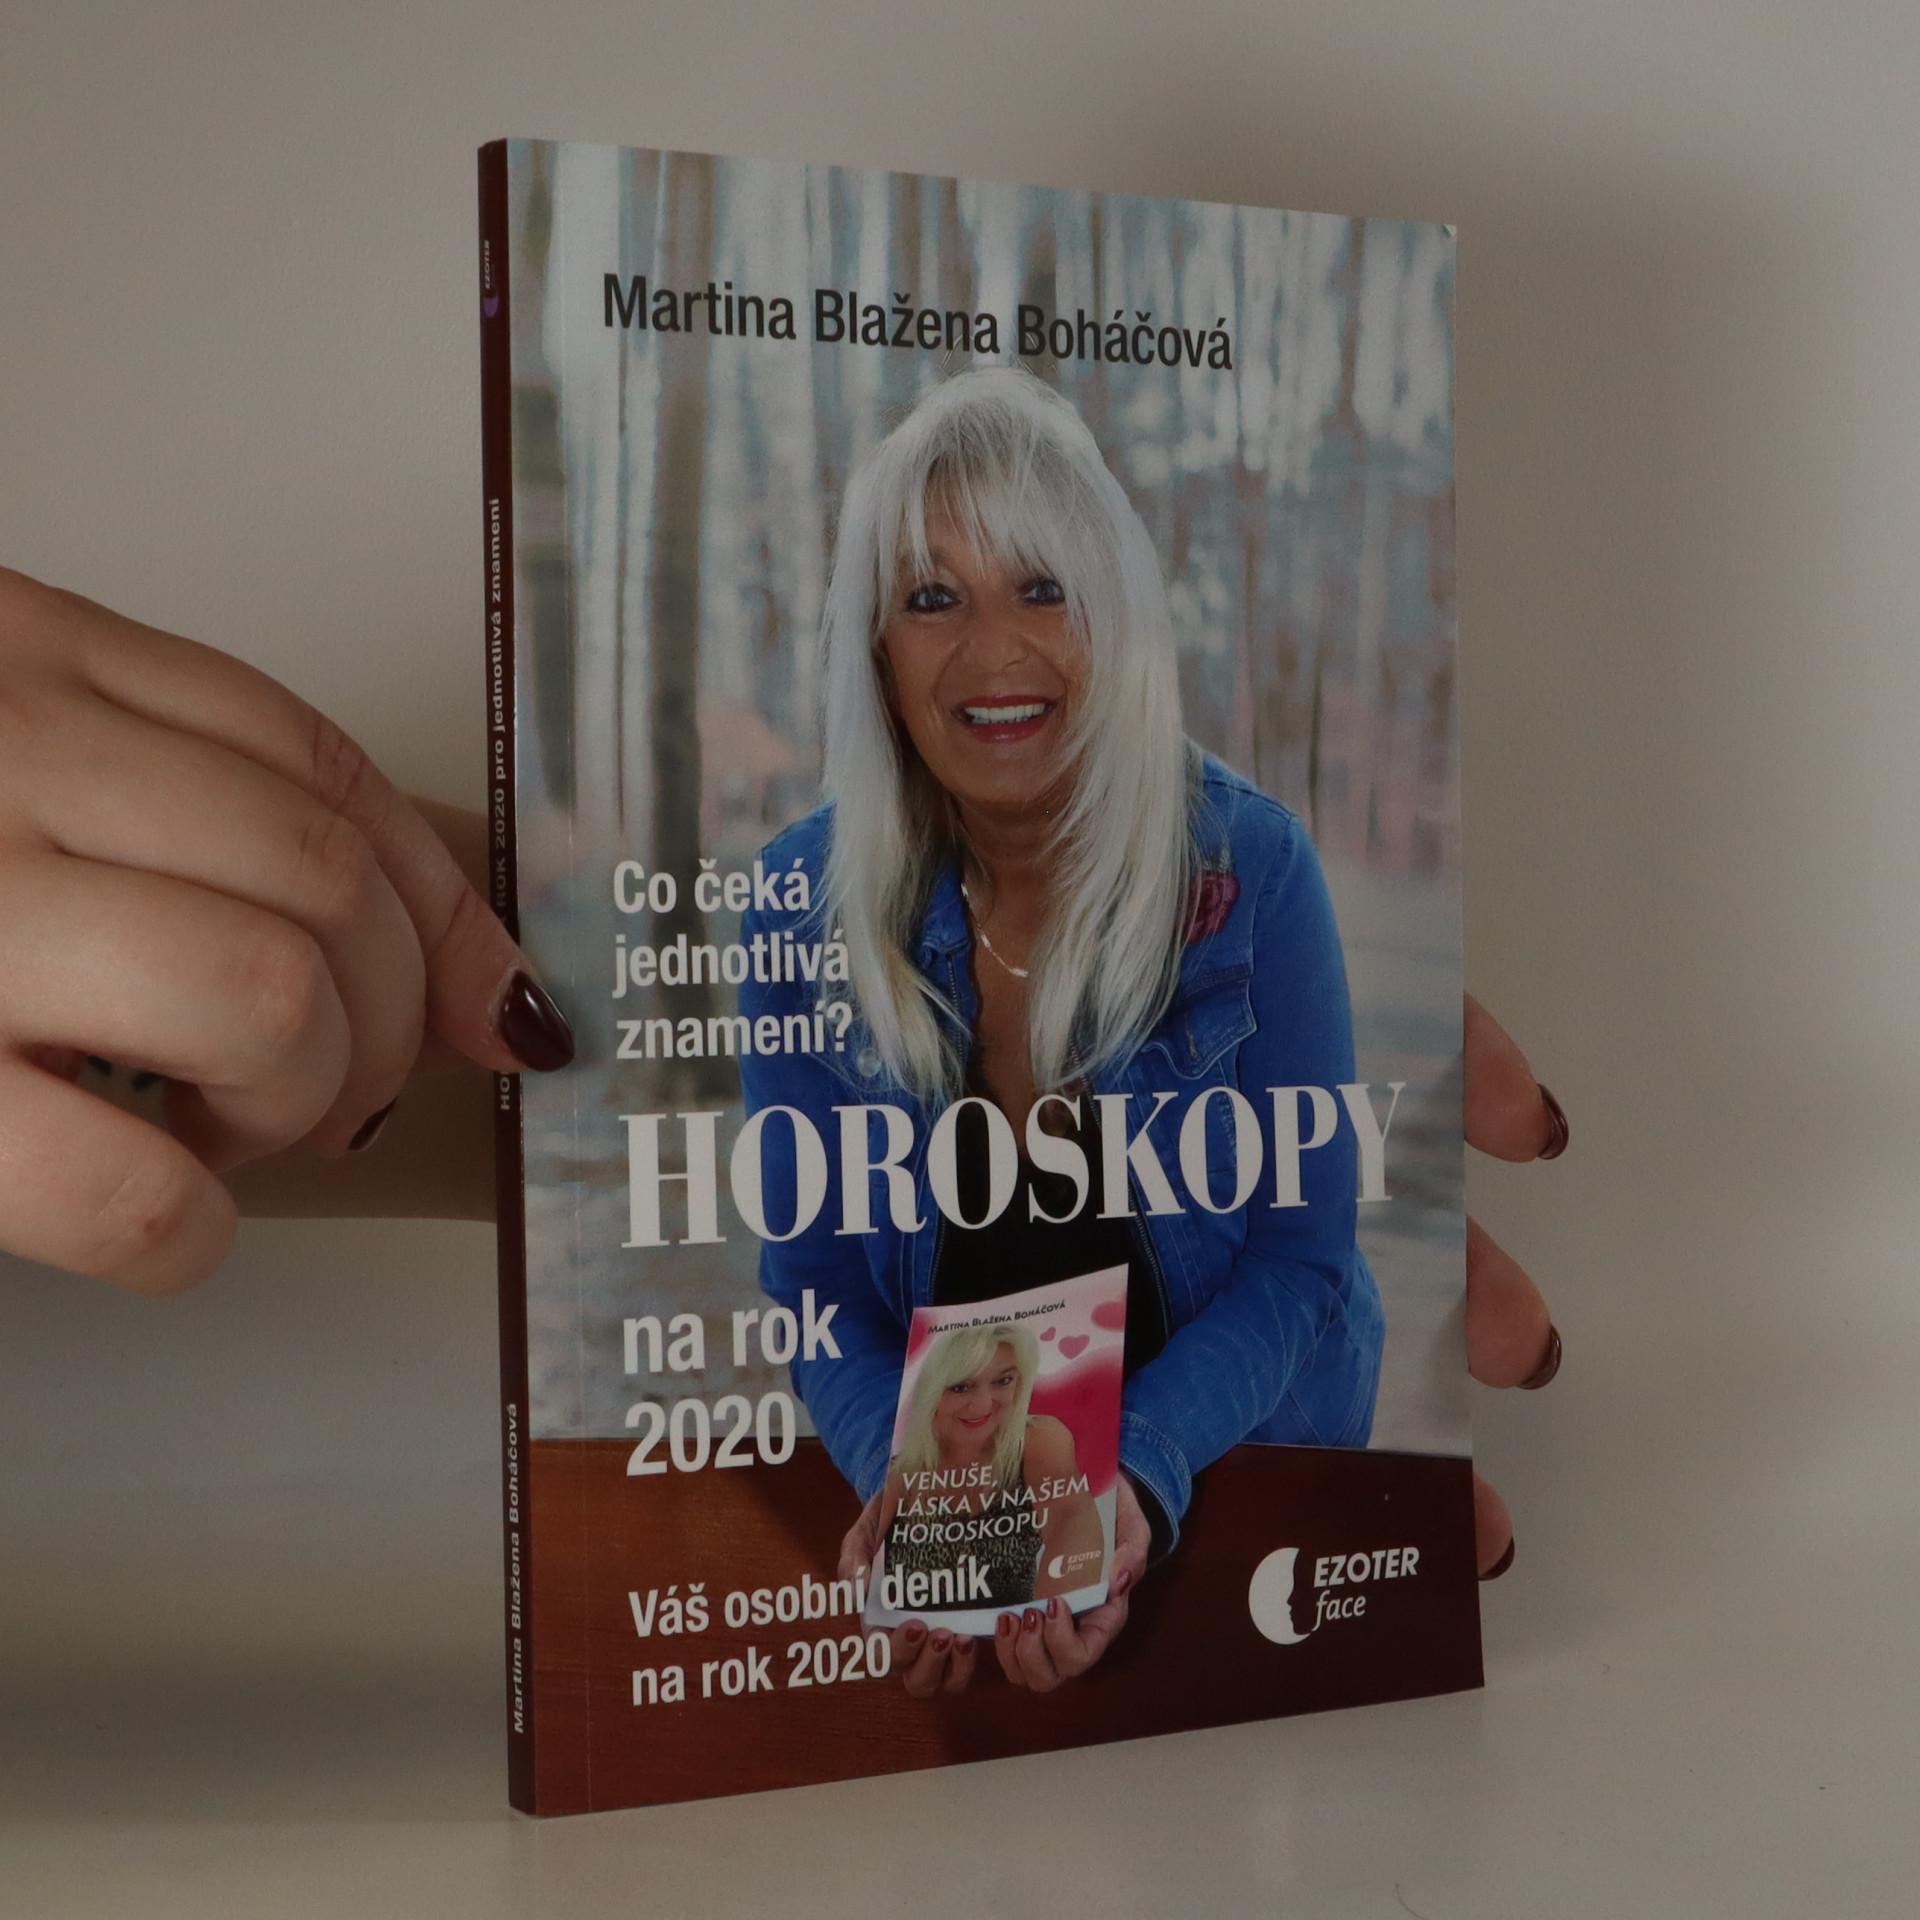 antikvární kniha Horoskopy na rok 2020. Co čeká jednotlivá znamení? Váš osobní deník na rok 2020, 2019